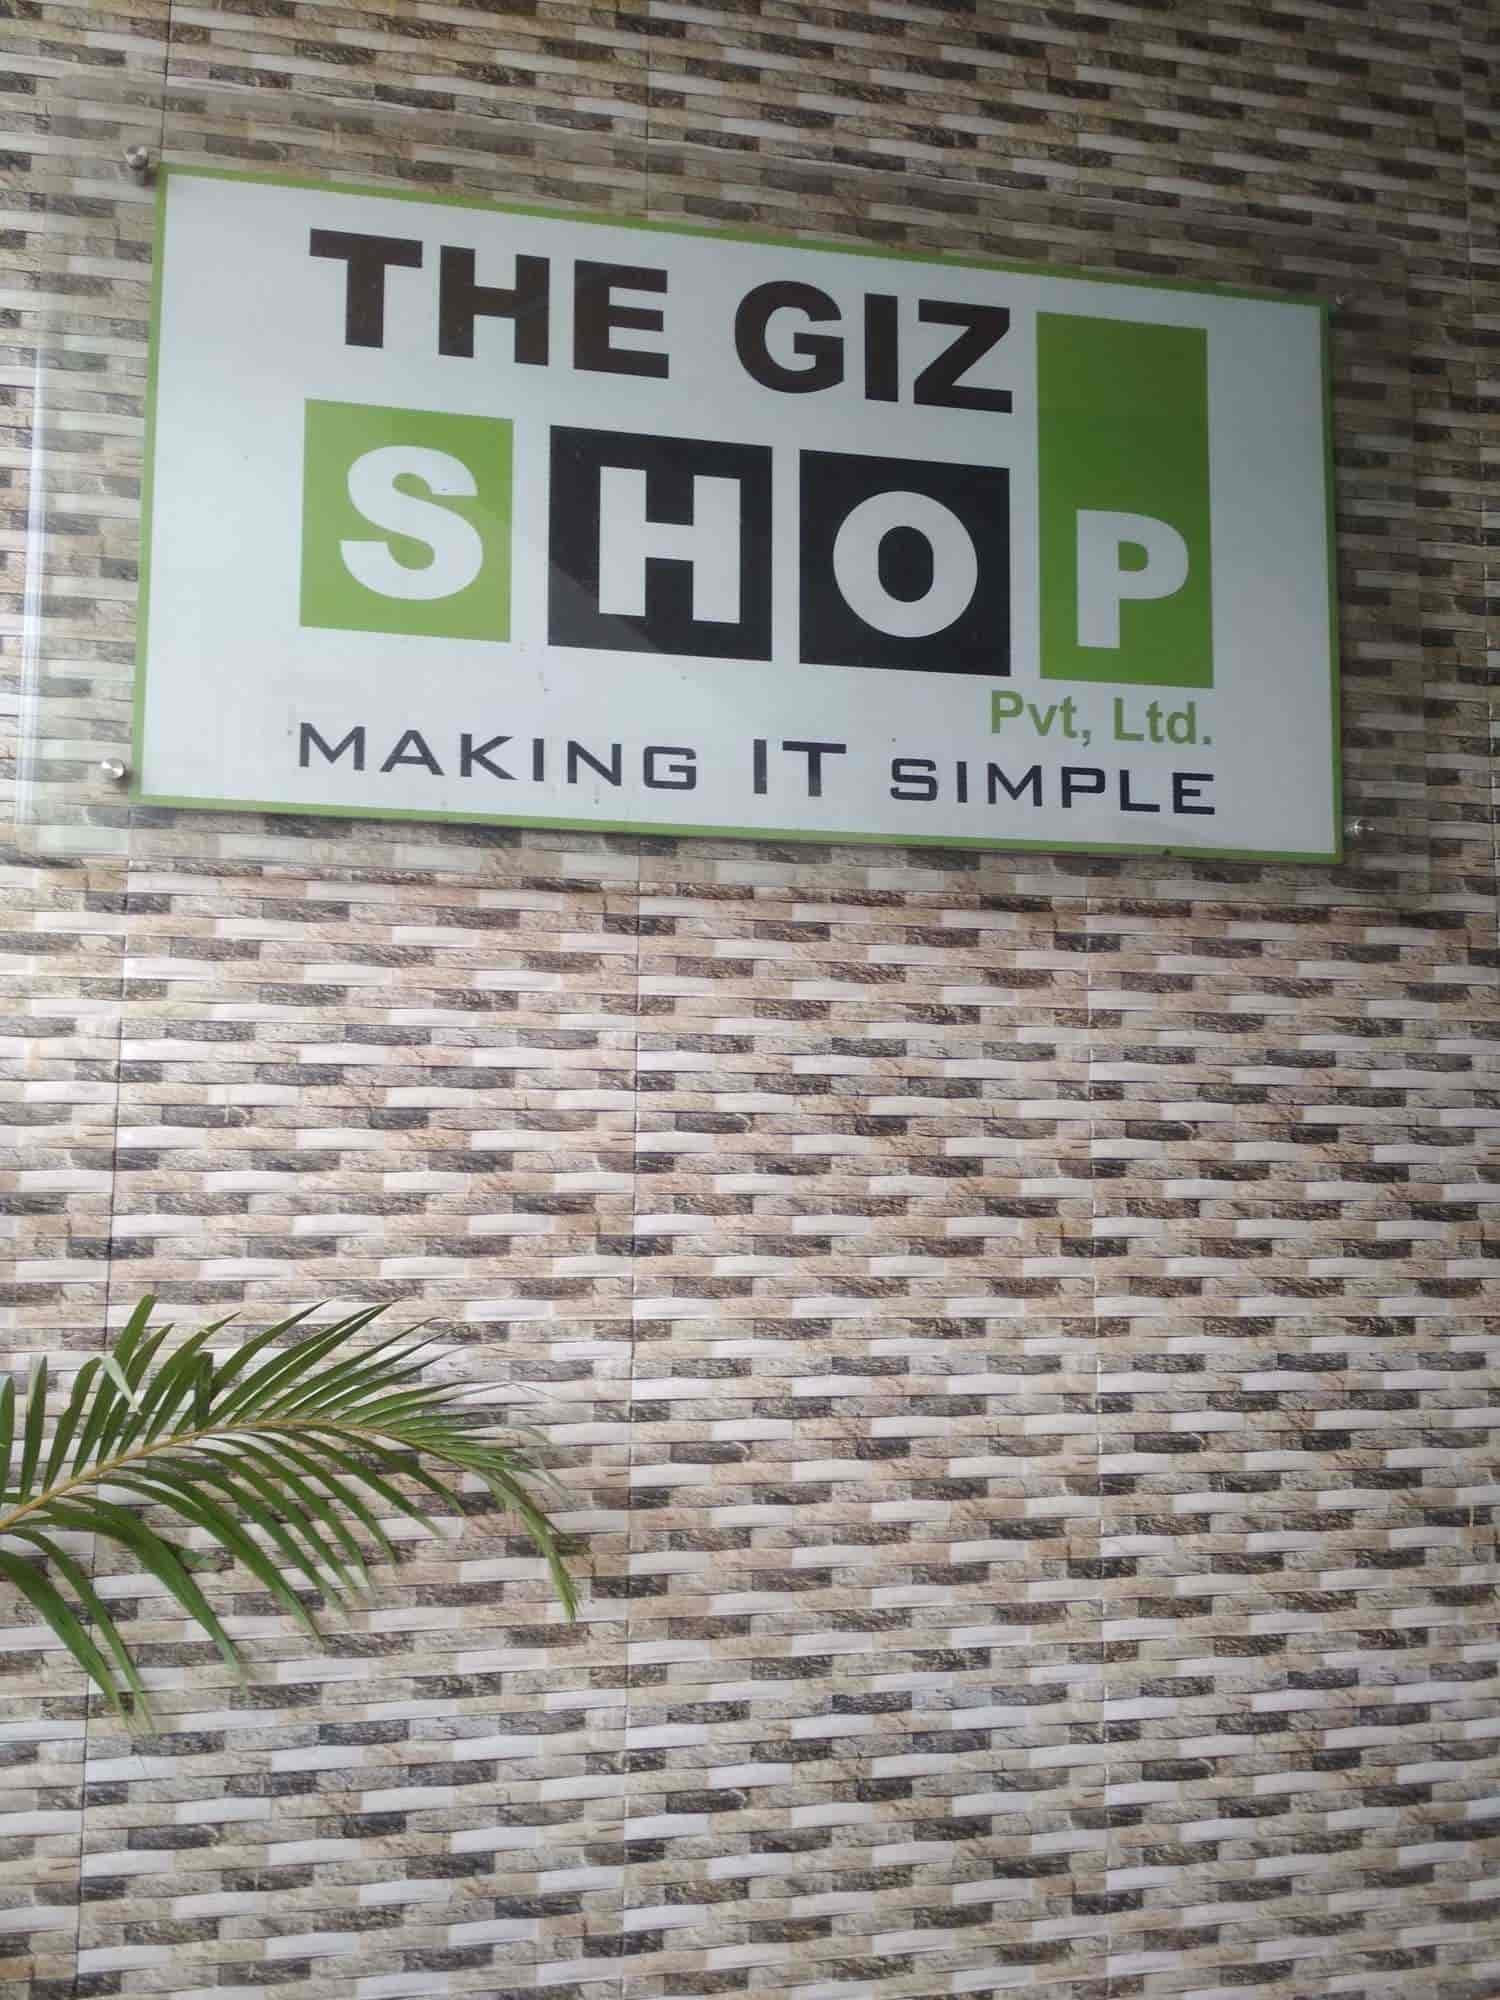 The Giz Shop Photos, Wilson Garden, Bangalore- Pictures